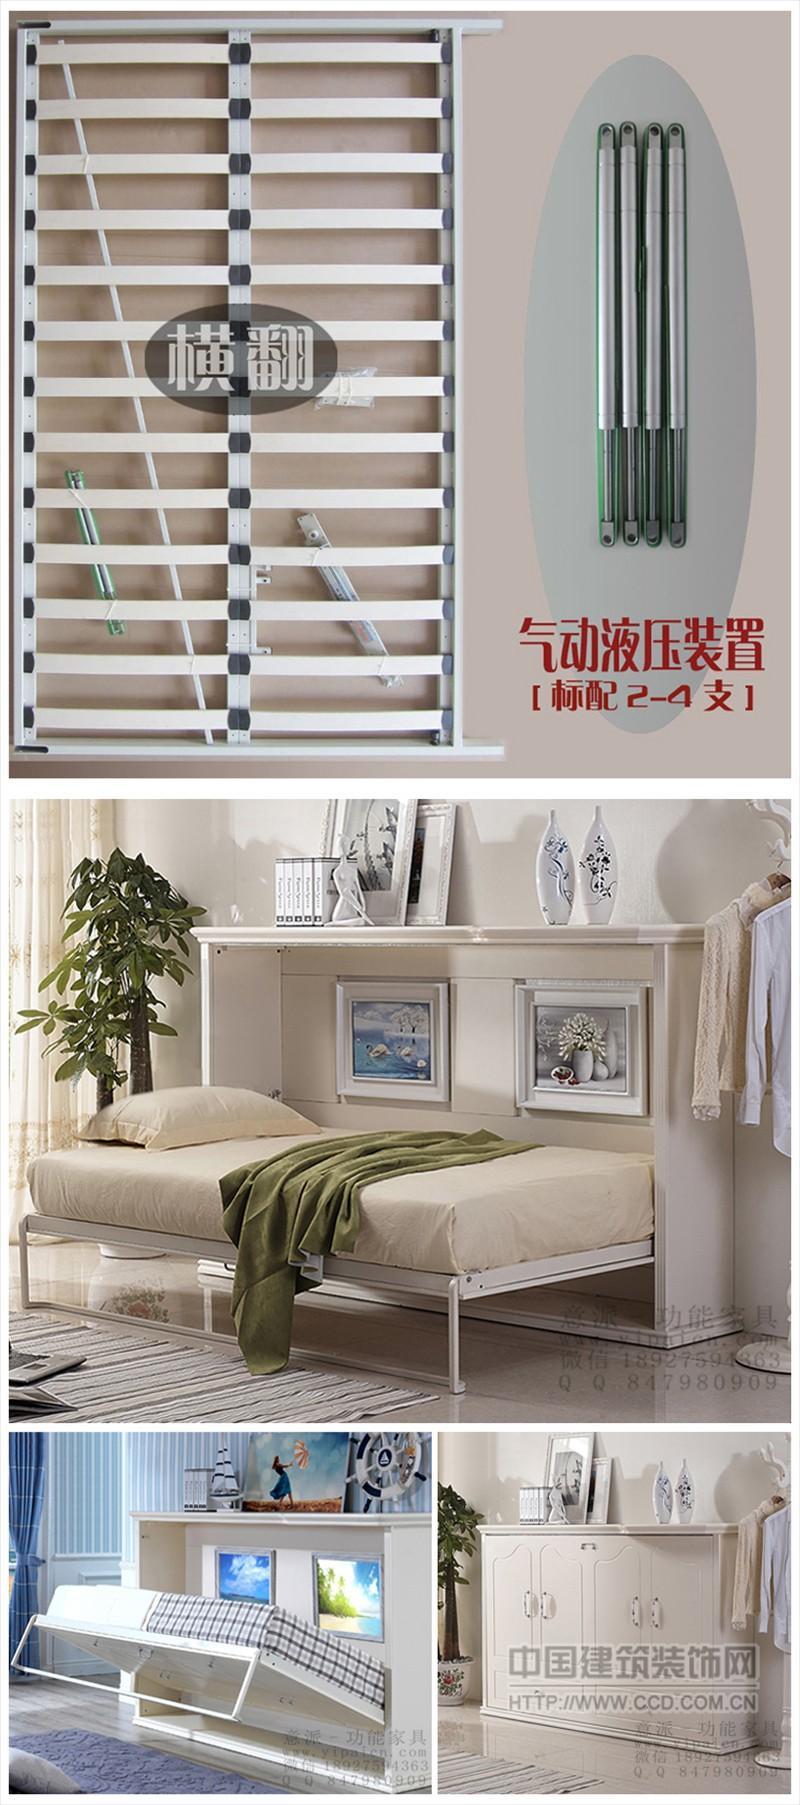 意派隐形床  隐壁床 壁柜床 折叠床